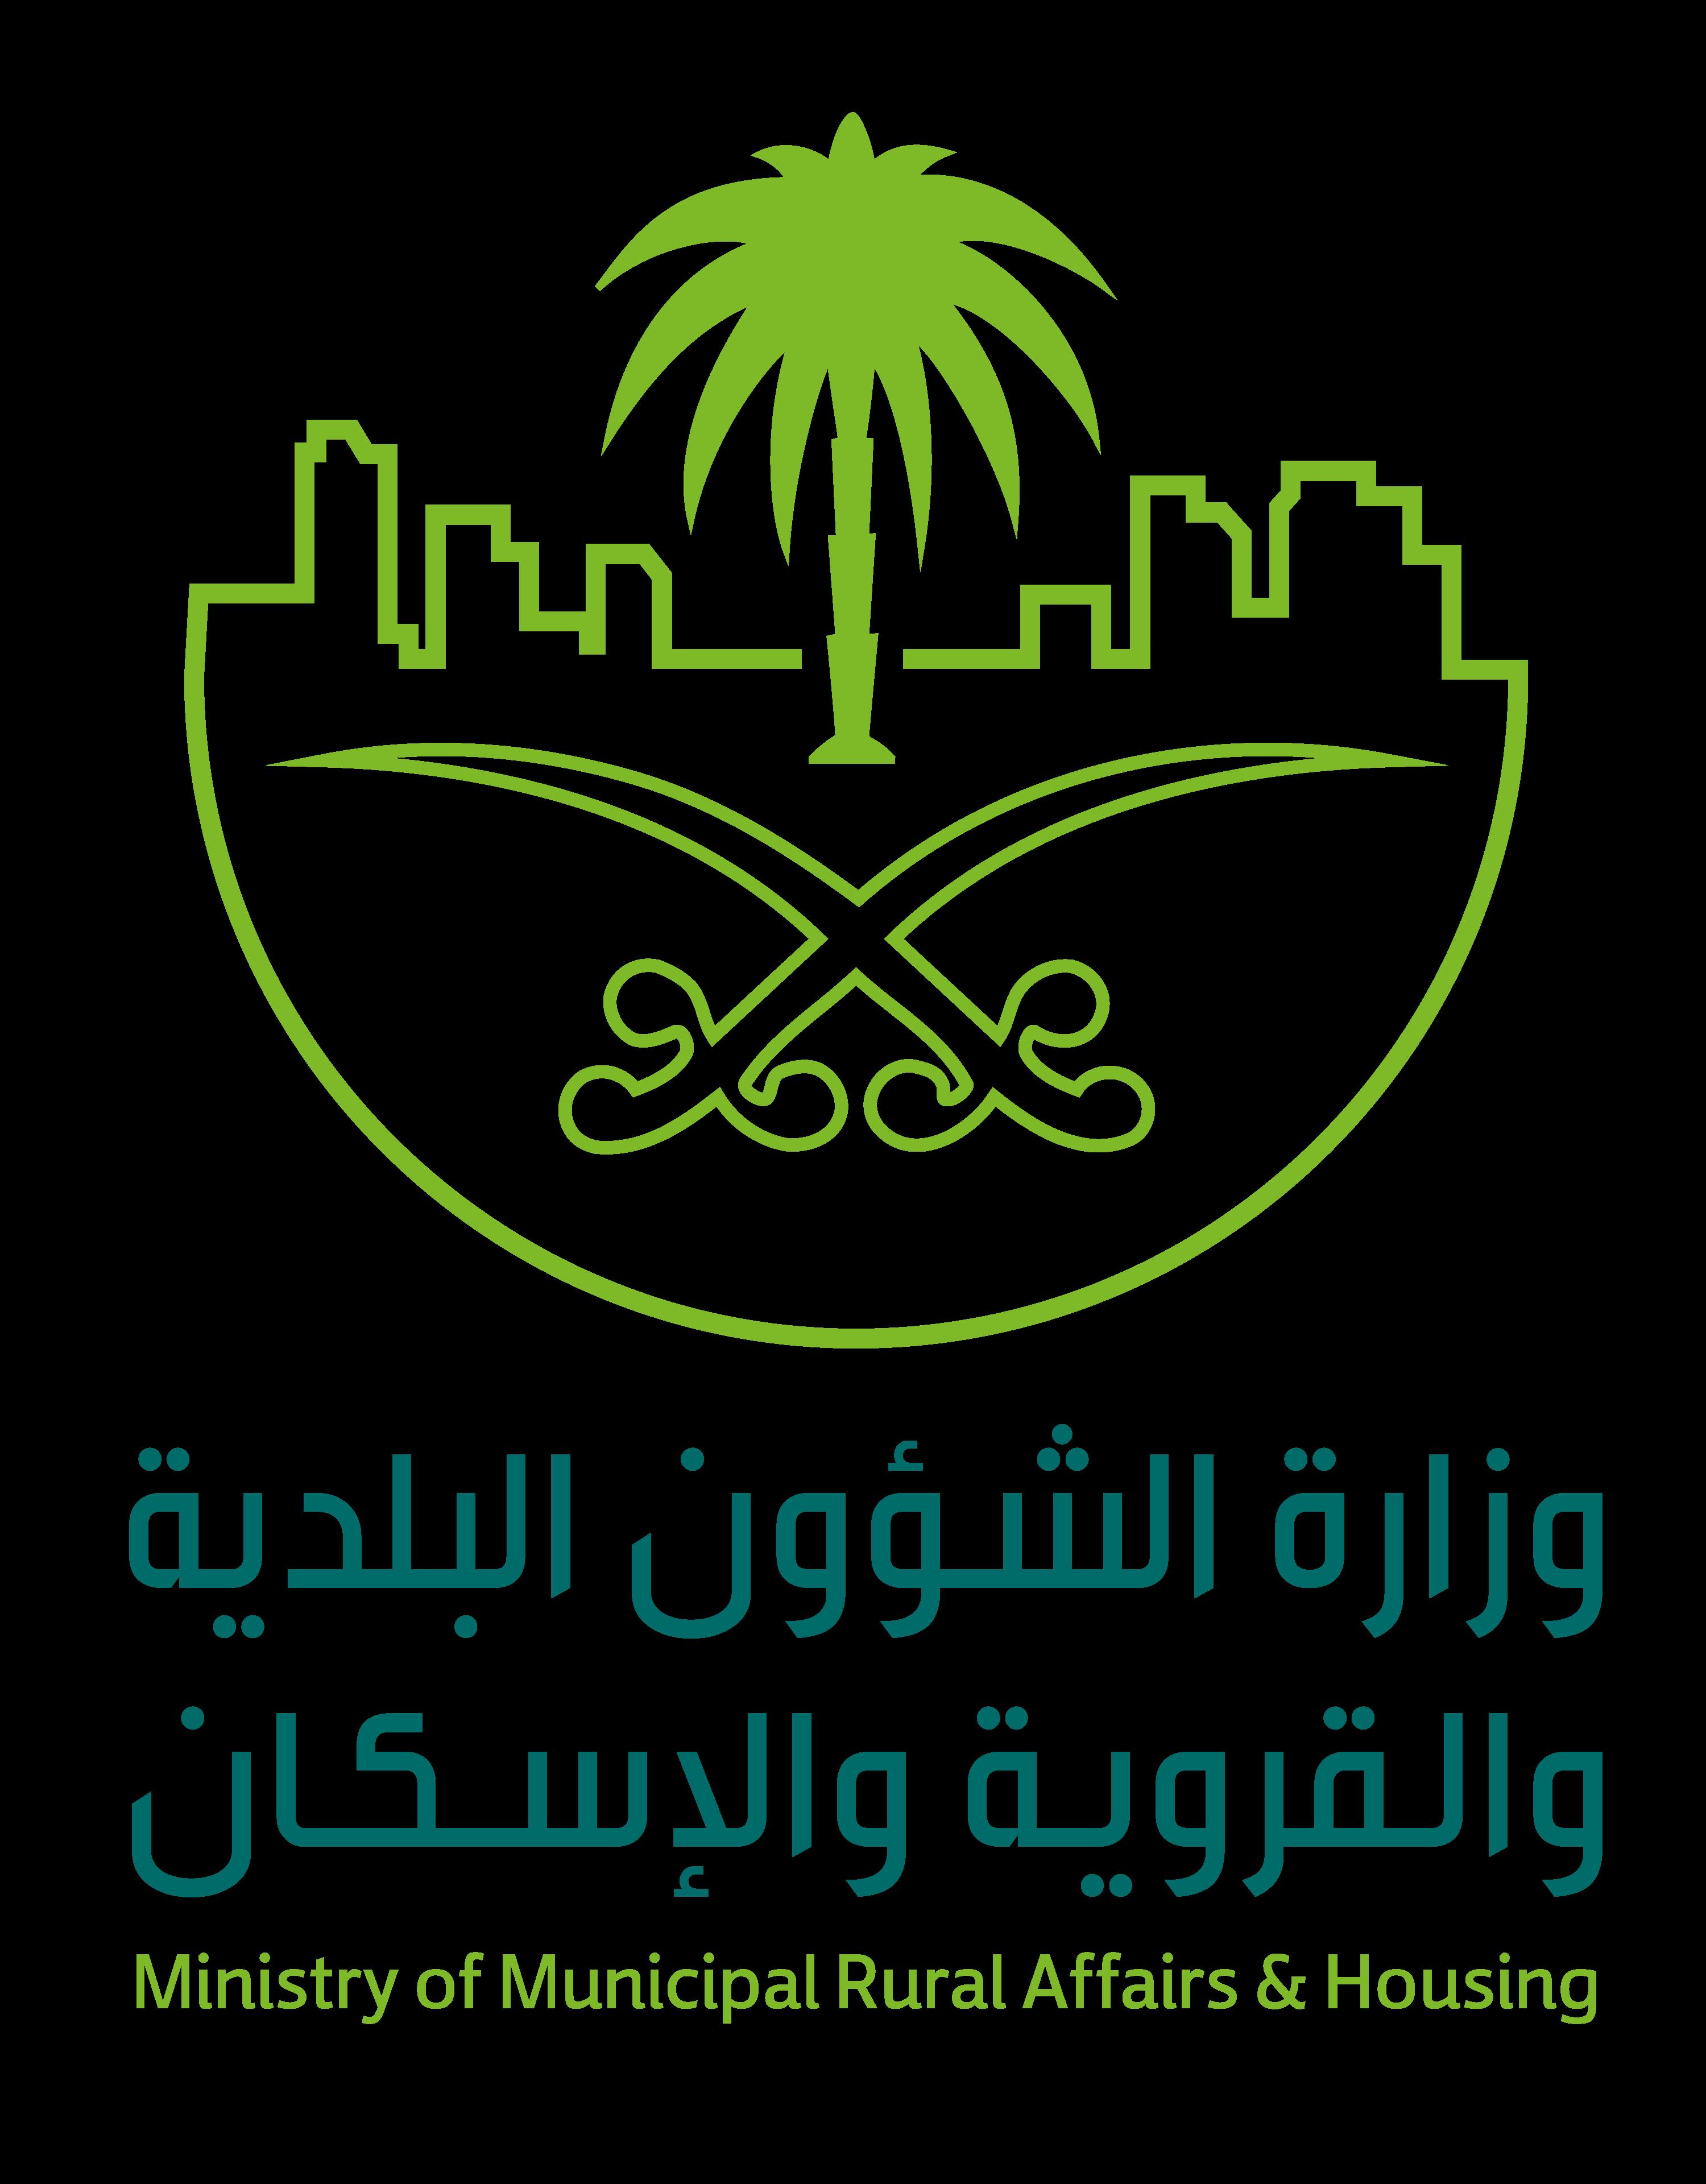 وزارة الشؤون البلدية والقروية والإسكان - ويكيبيديا